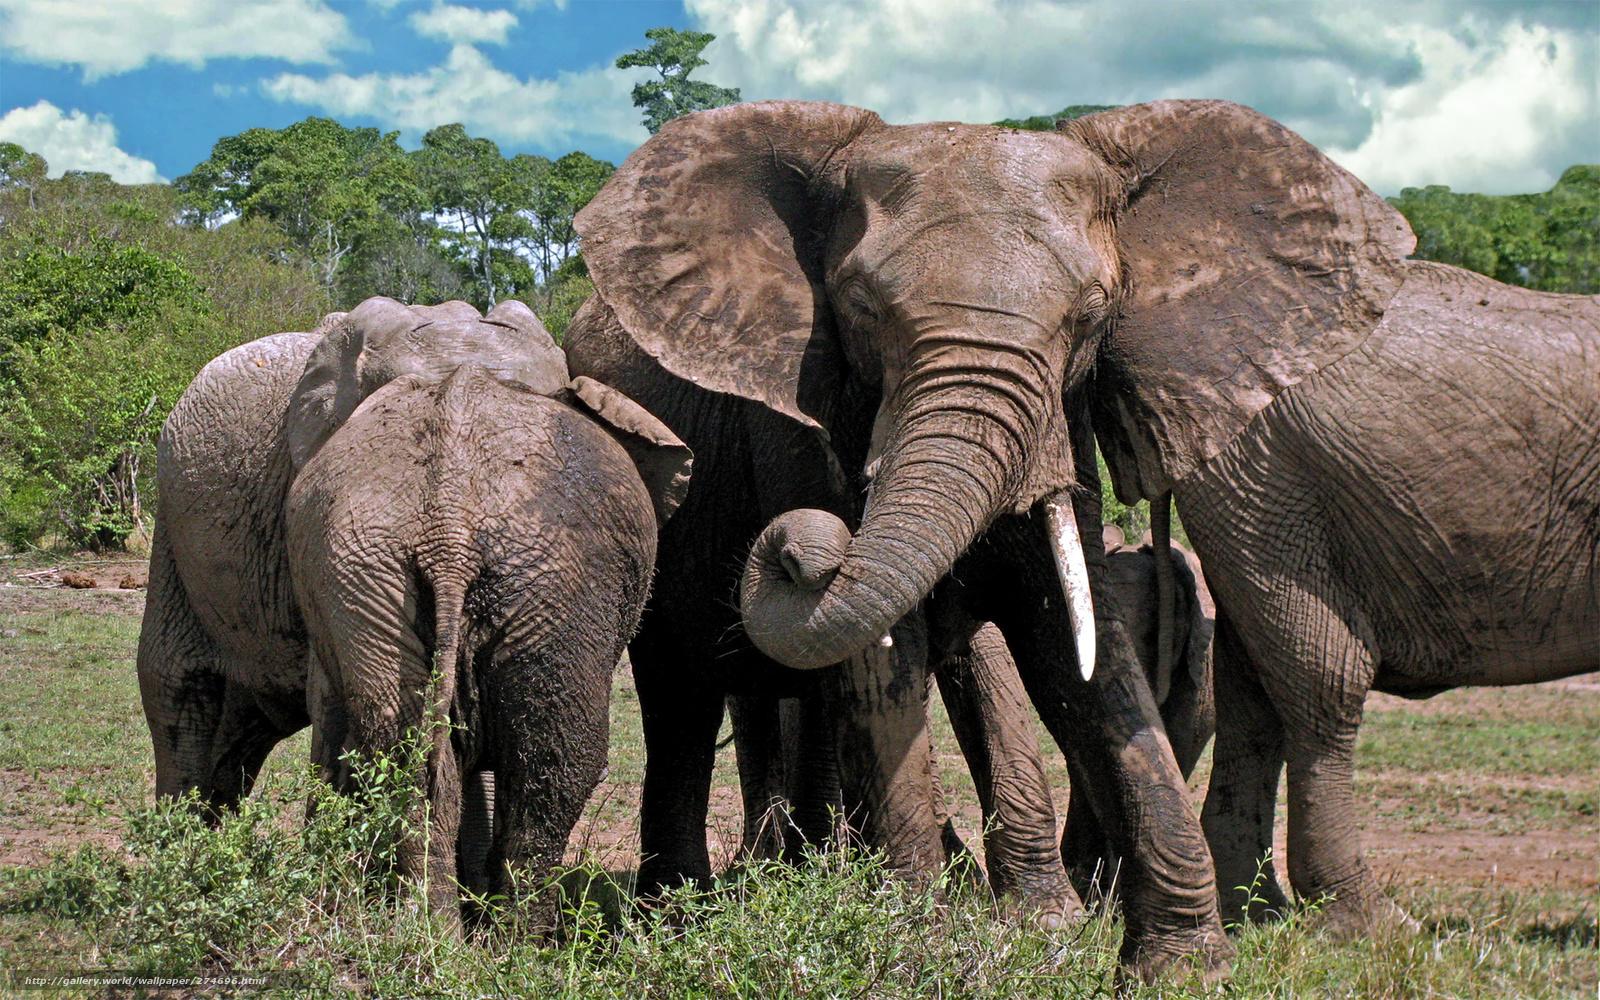 Download Hintergrund Elephants, Natur, Afrika Freie